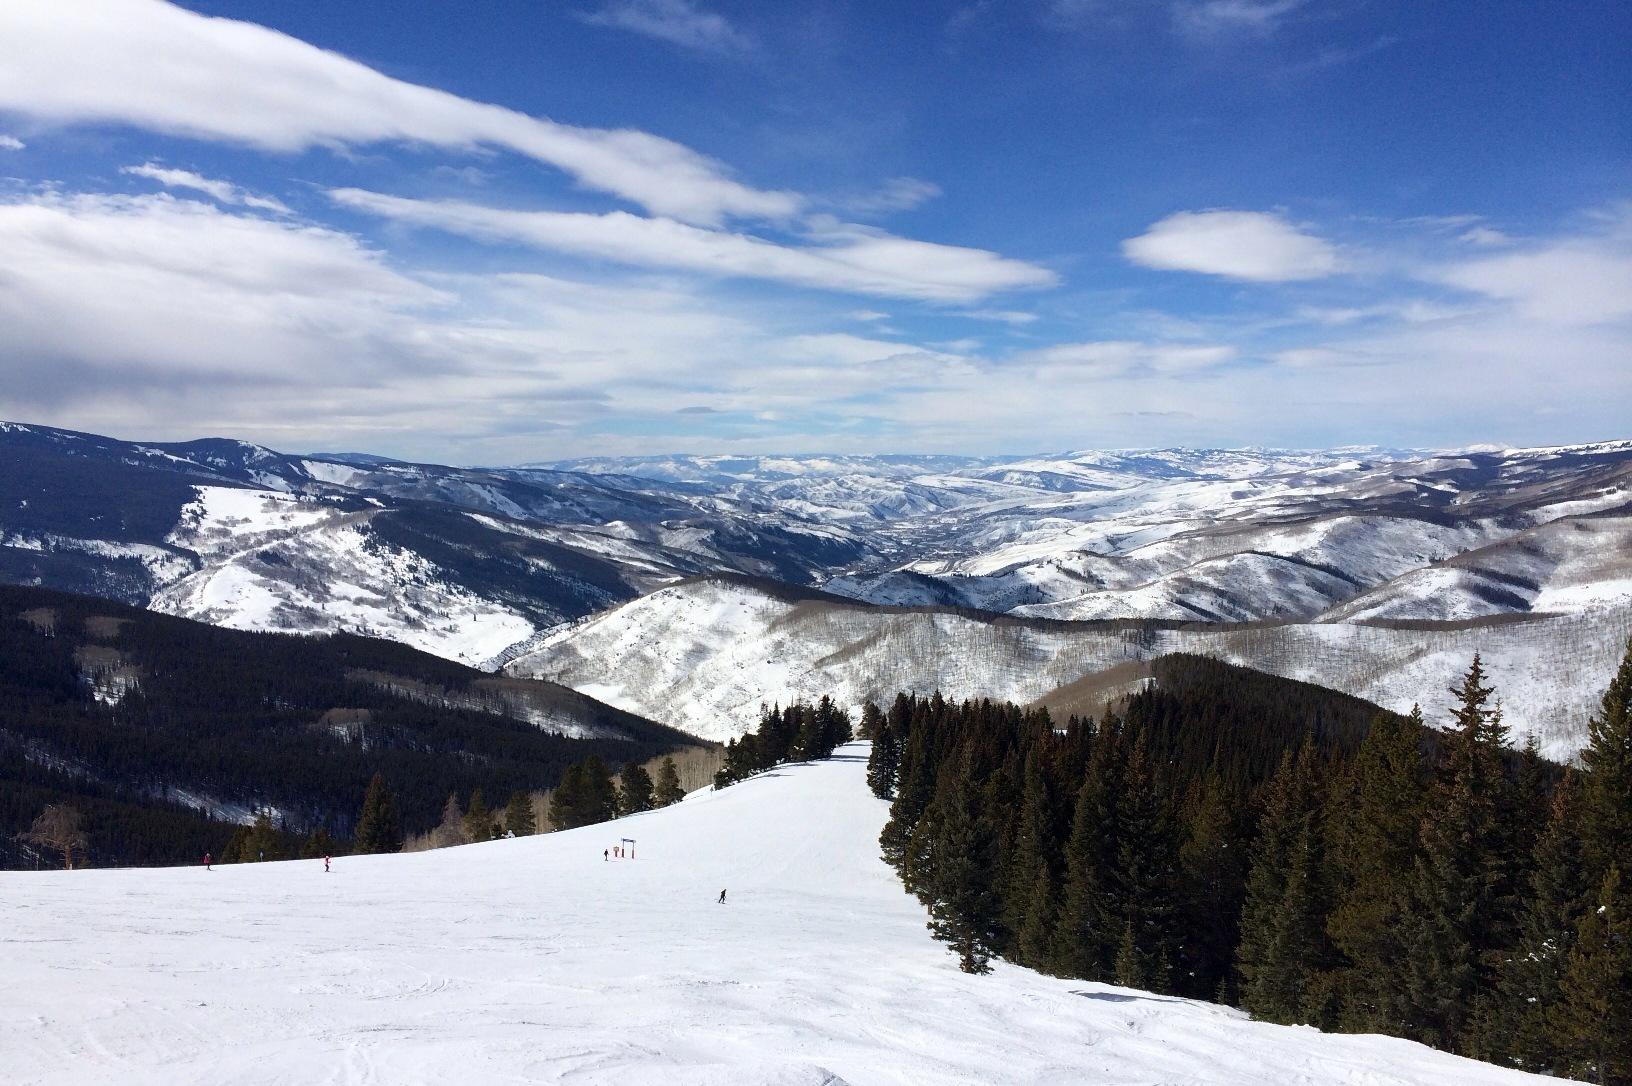 Unsere Top 5 Skigebiete winterurlaub schnee oesterreich familie europa cluburlaub karibik mittelamerika  IMG 0190